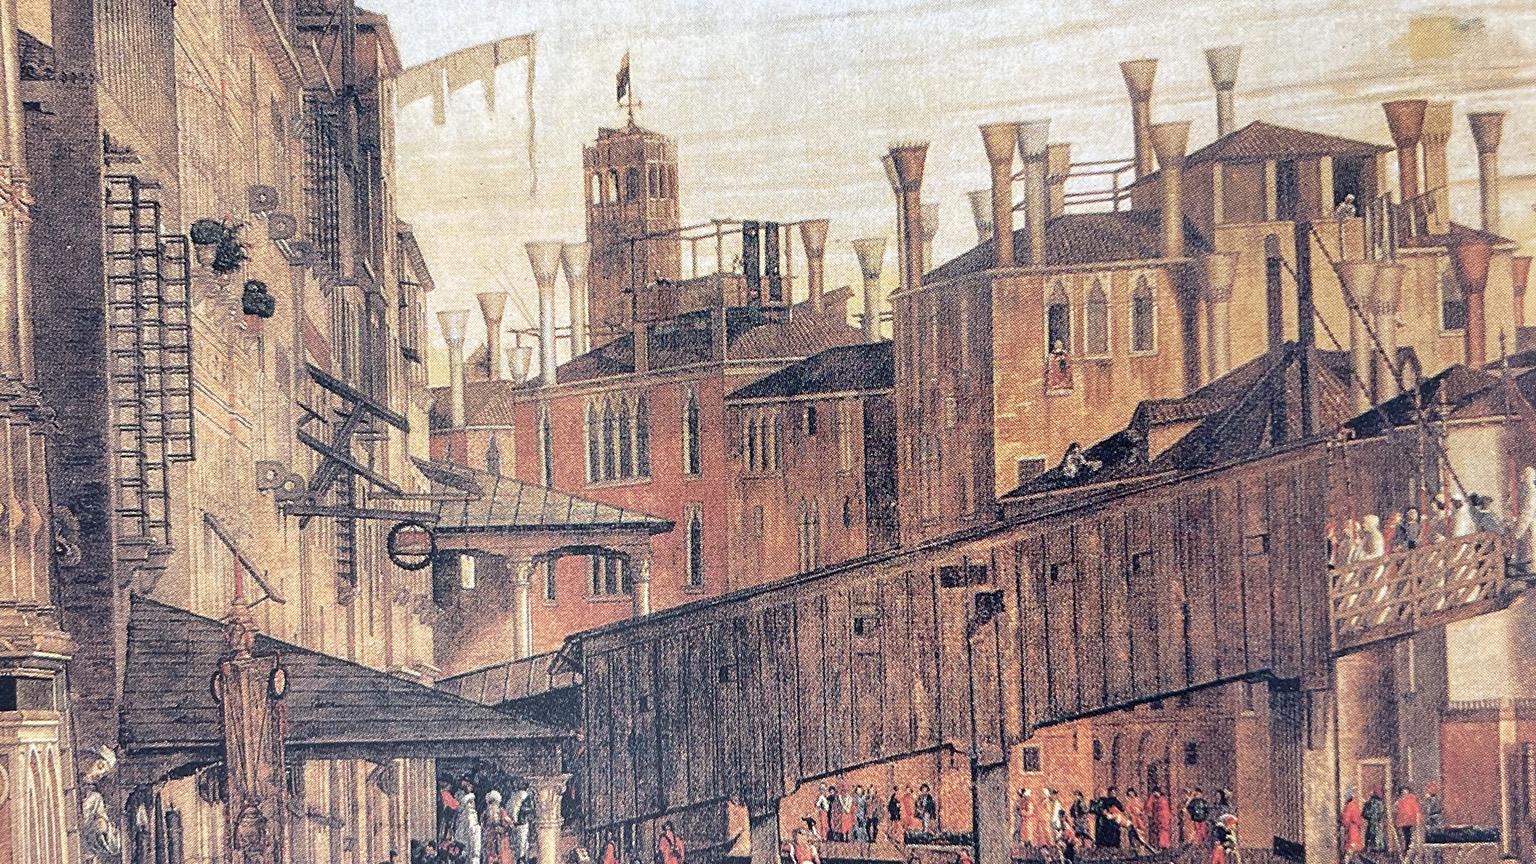 Comignoli sui tetti di Venezia - Dettaglio